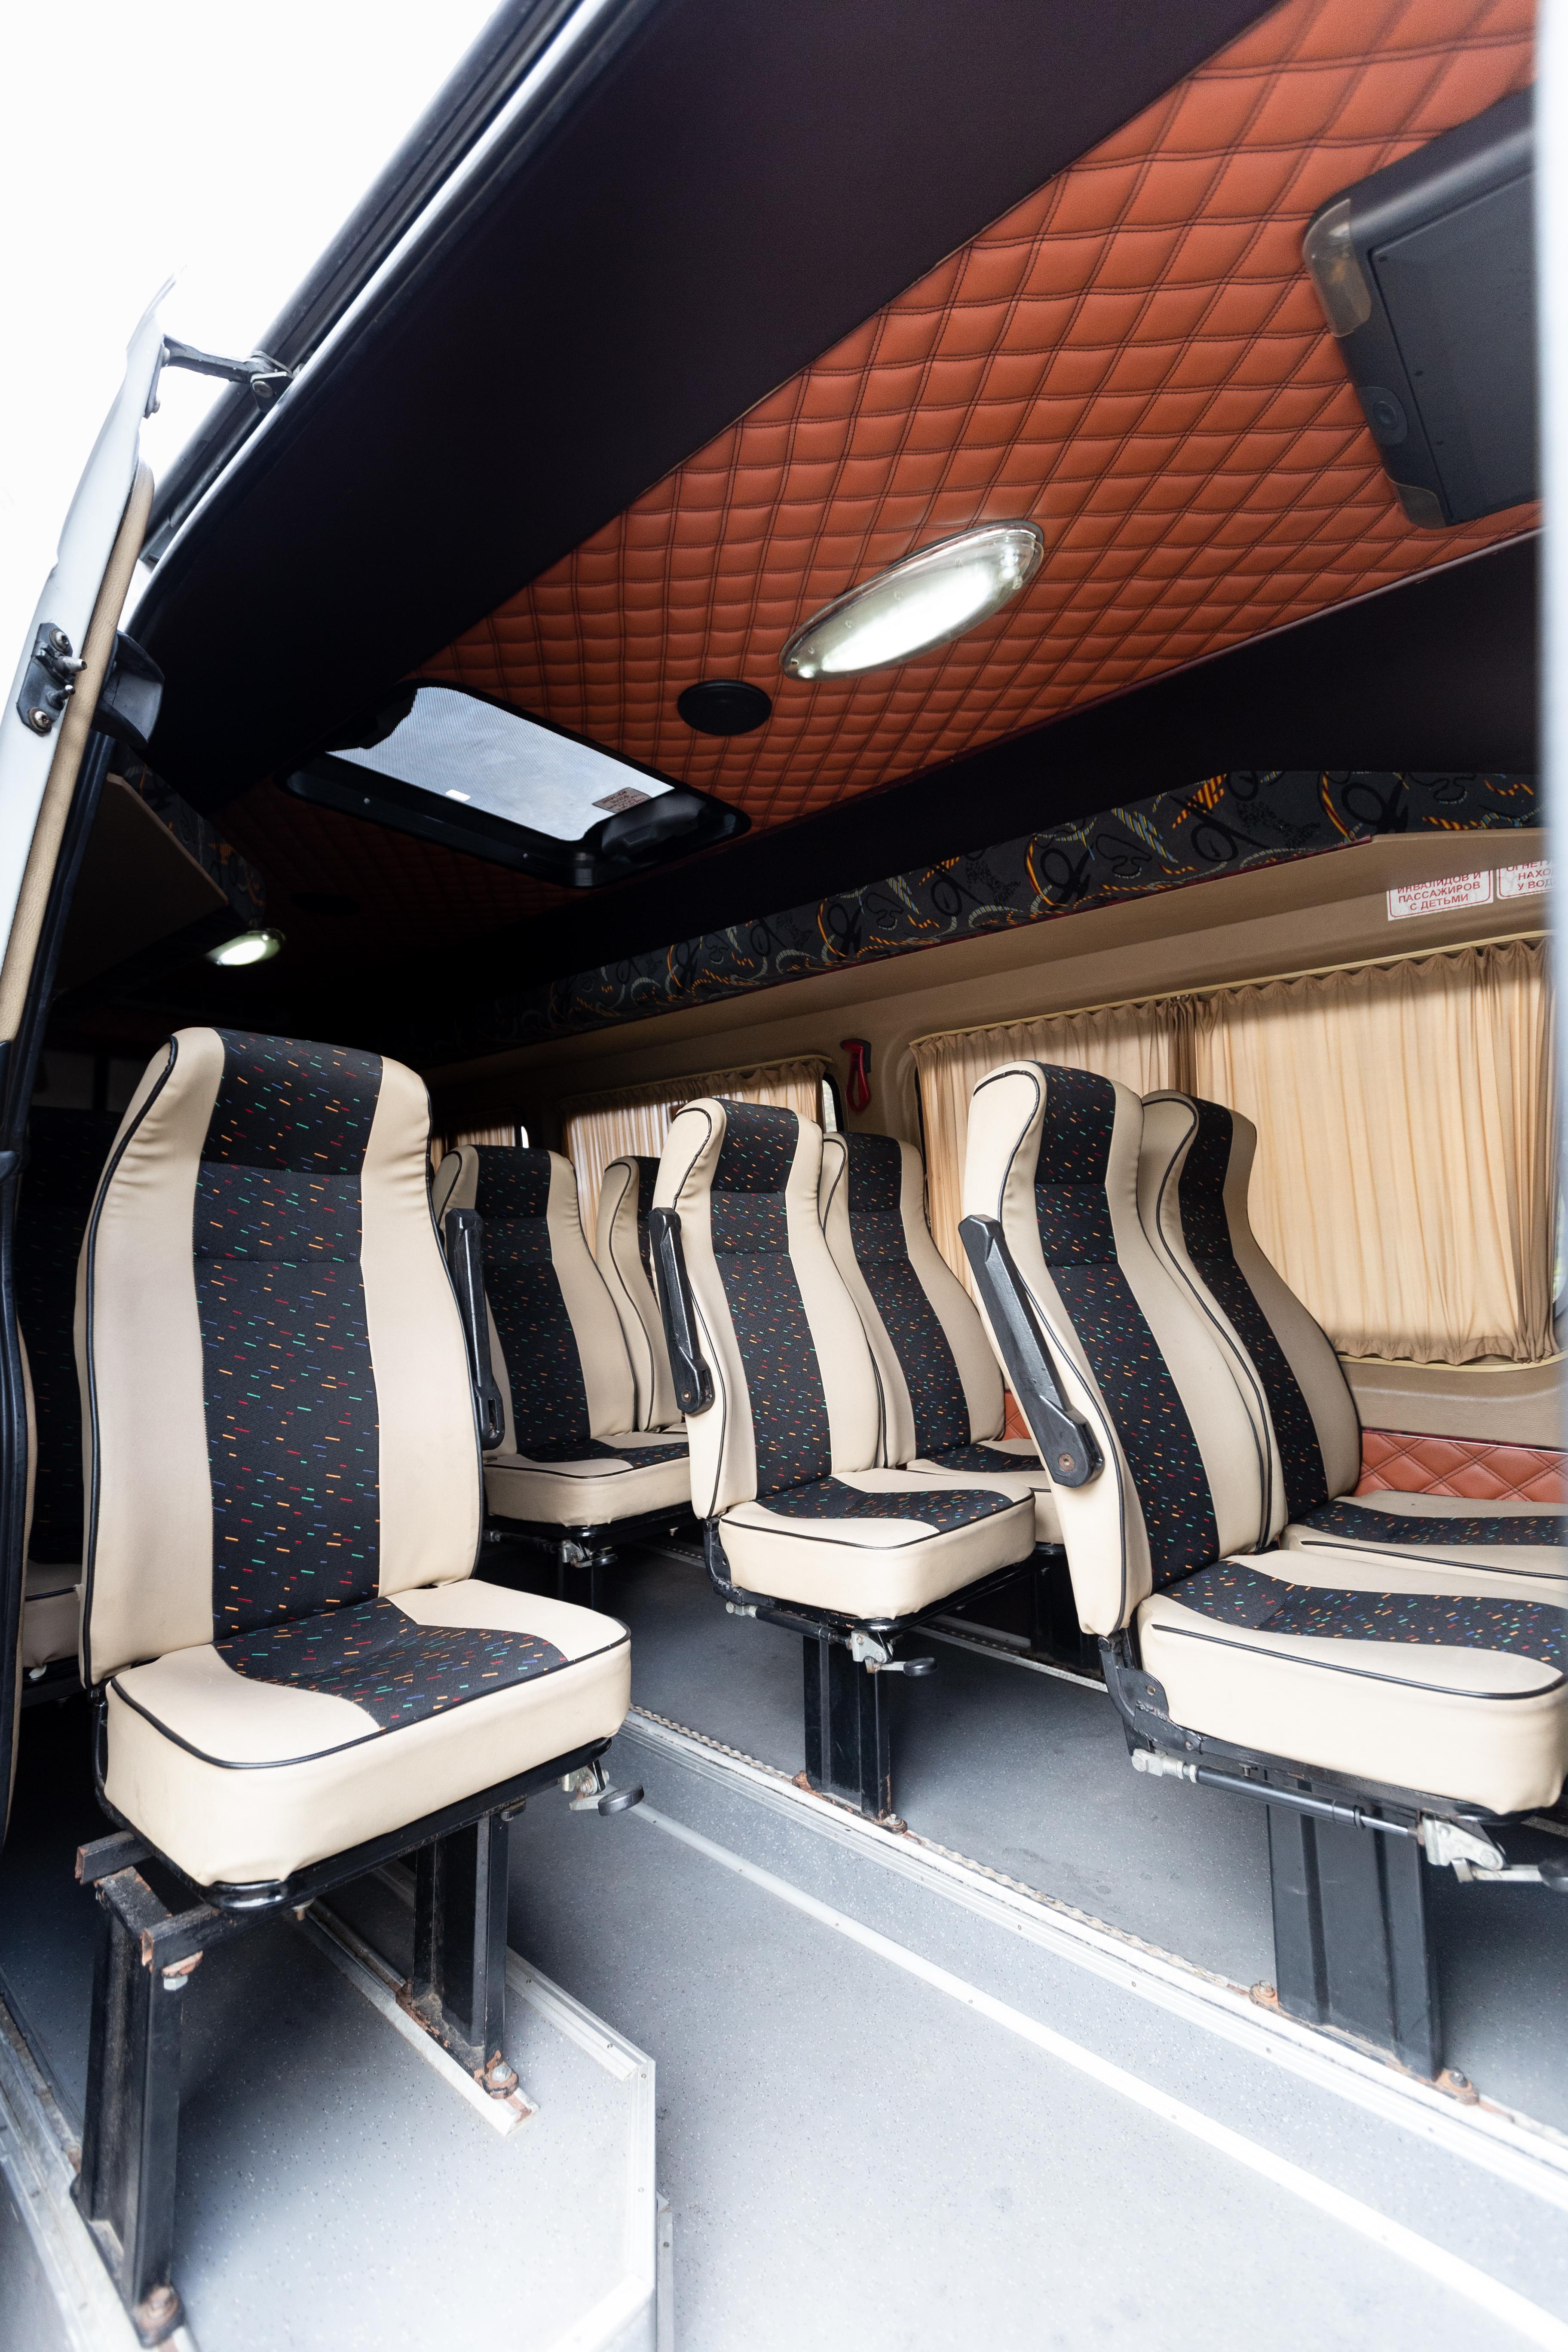 Мерседес-Бенц Спринтер, 19 пассажирских мест, кондиционер, вебасто, TV, DVD, микрофон.